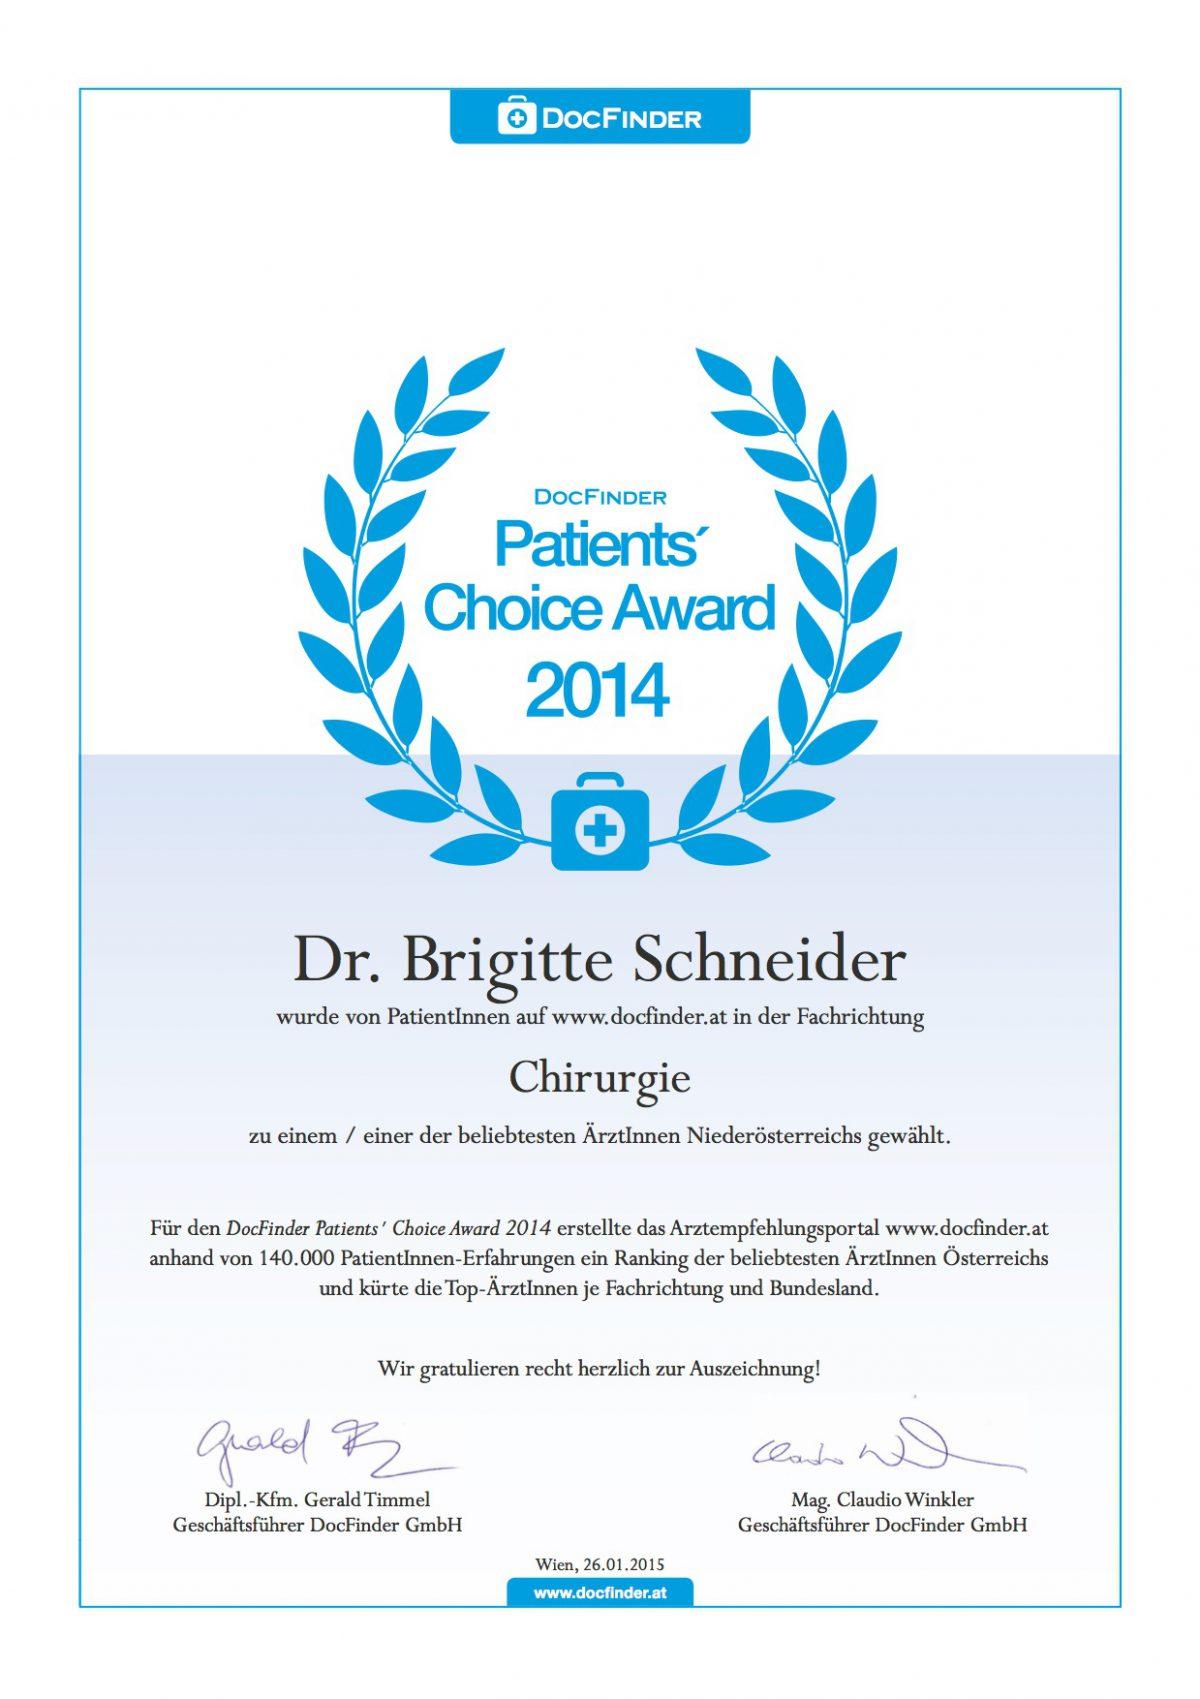 Dr. Brigitte Schneider Auszeichnung 2014